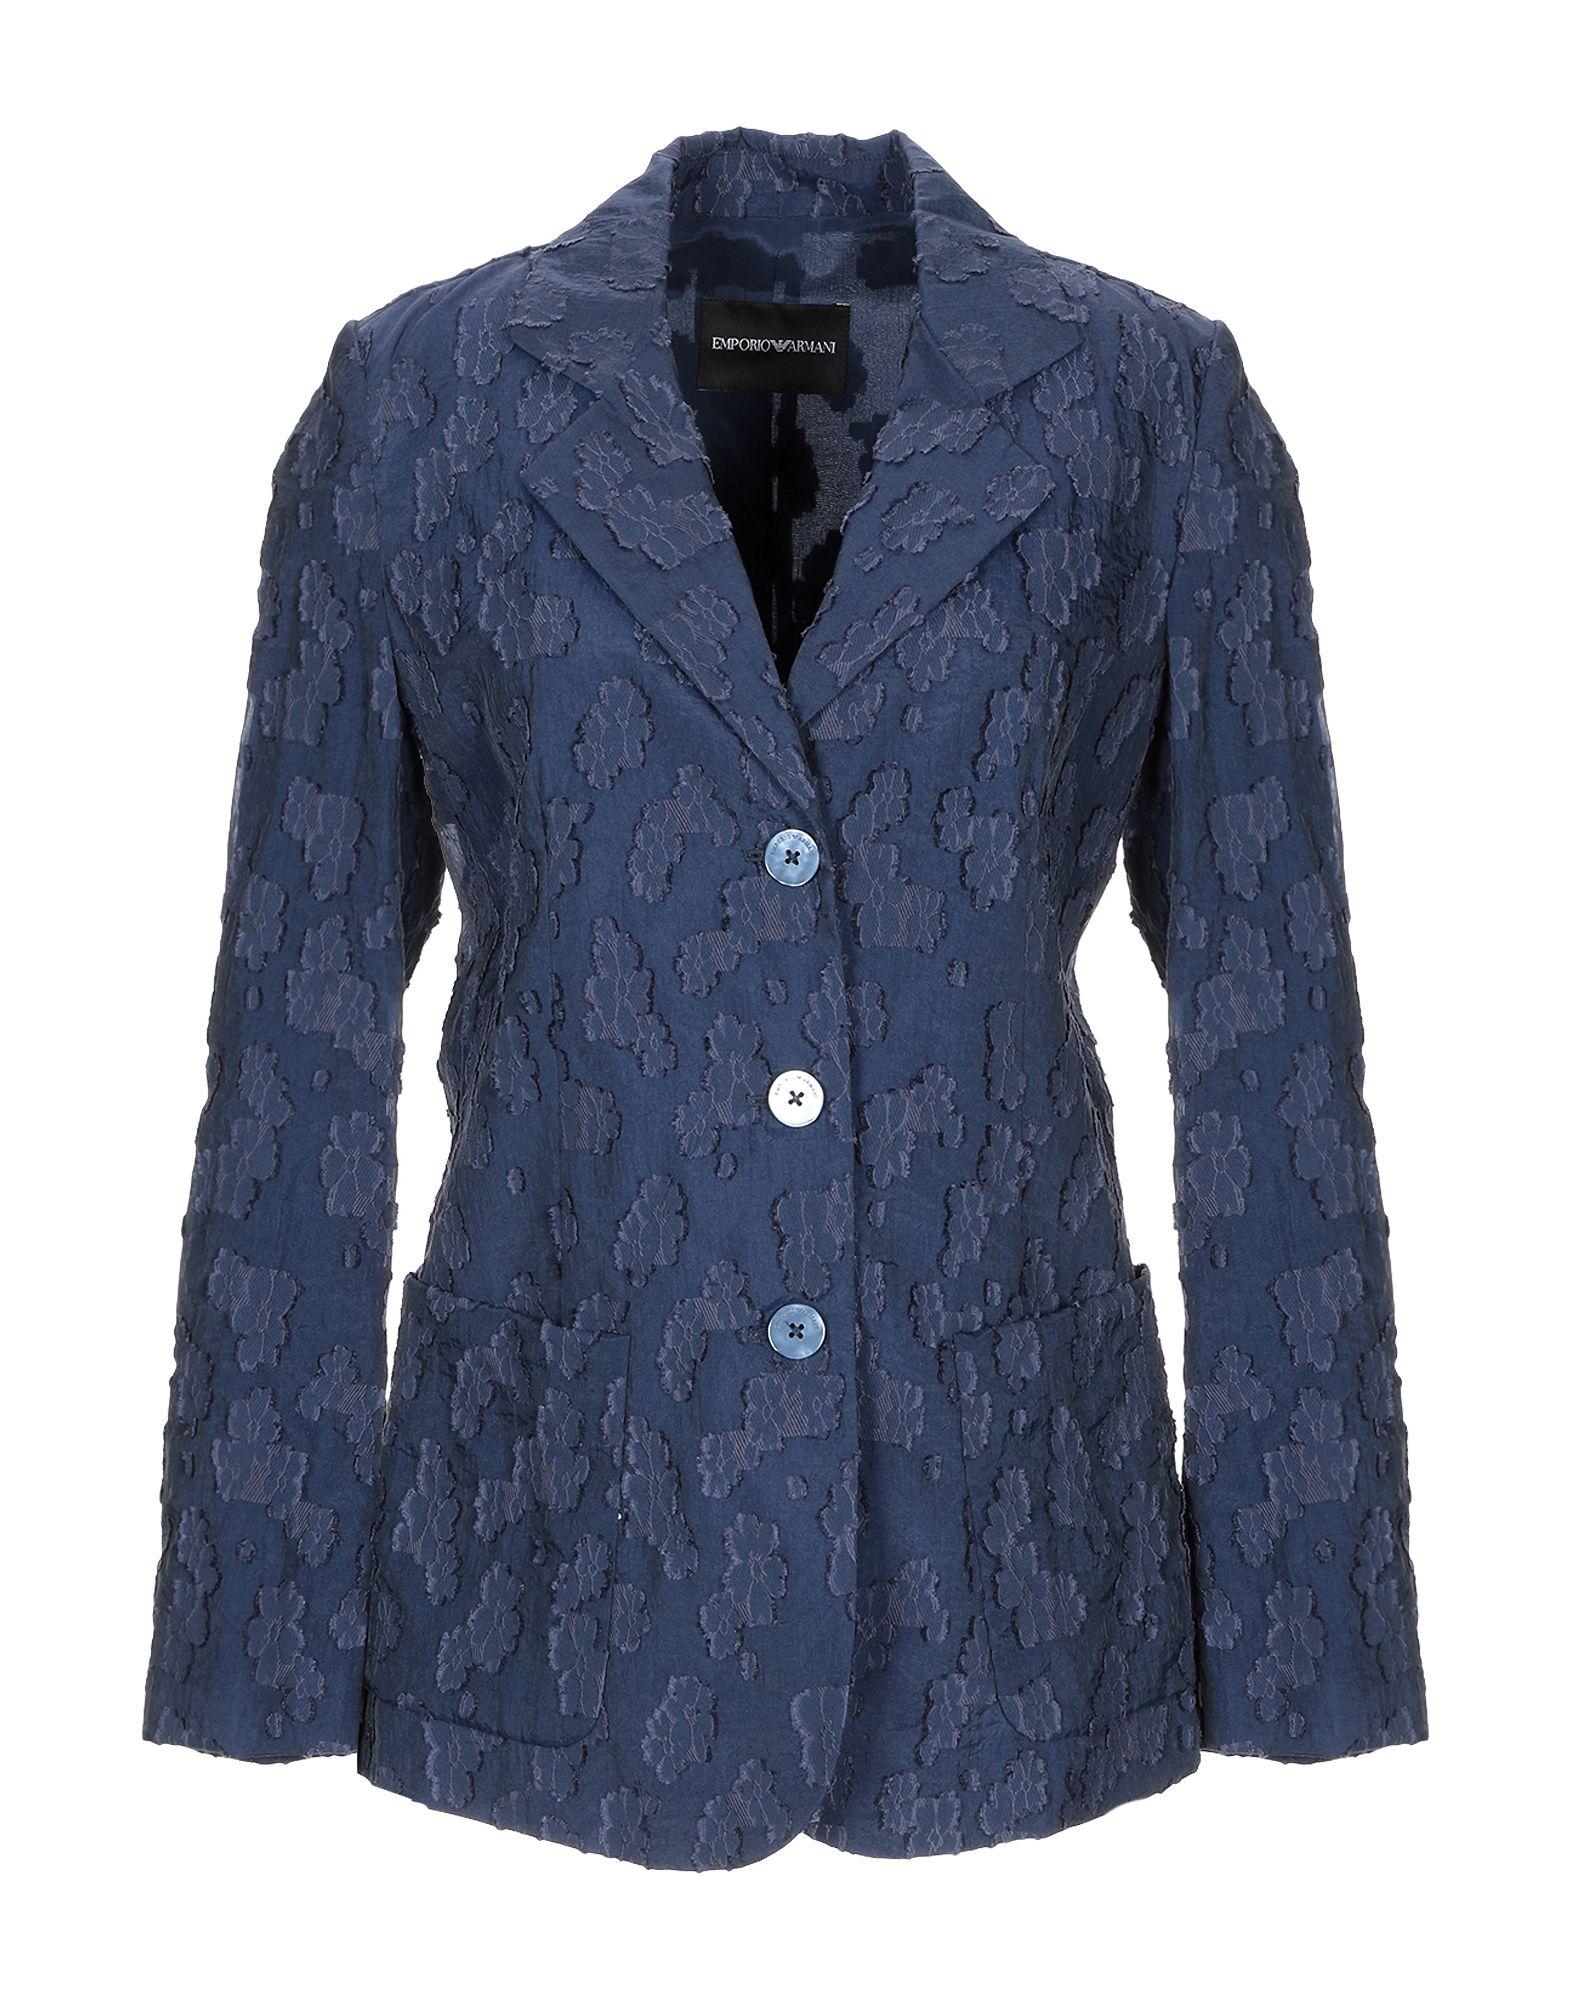 da08ca7cfc34 Emporio Armani Sale - Coats   Jackets Emporio Armani - Emporio Armani Women  - YOOX United States